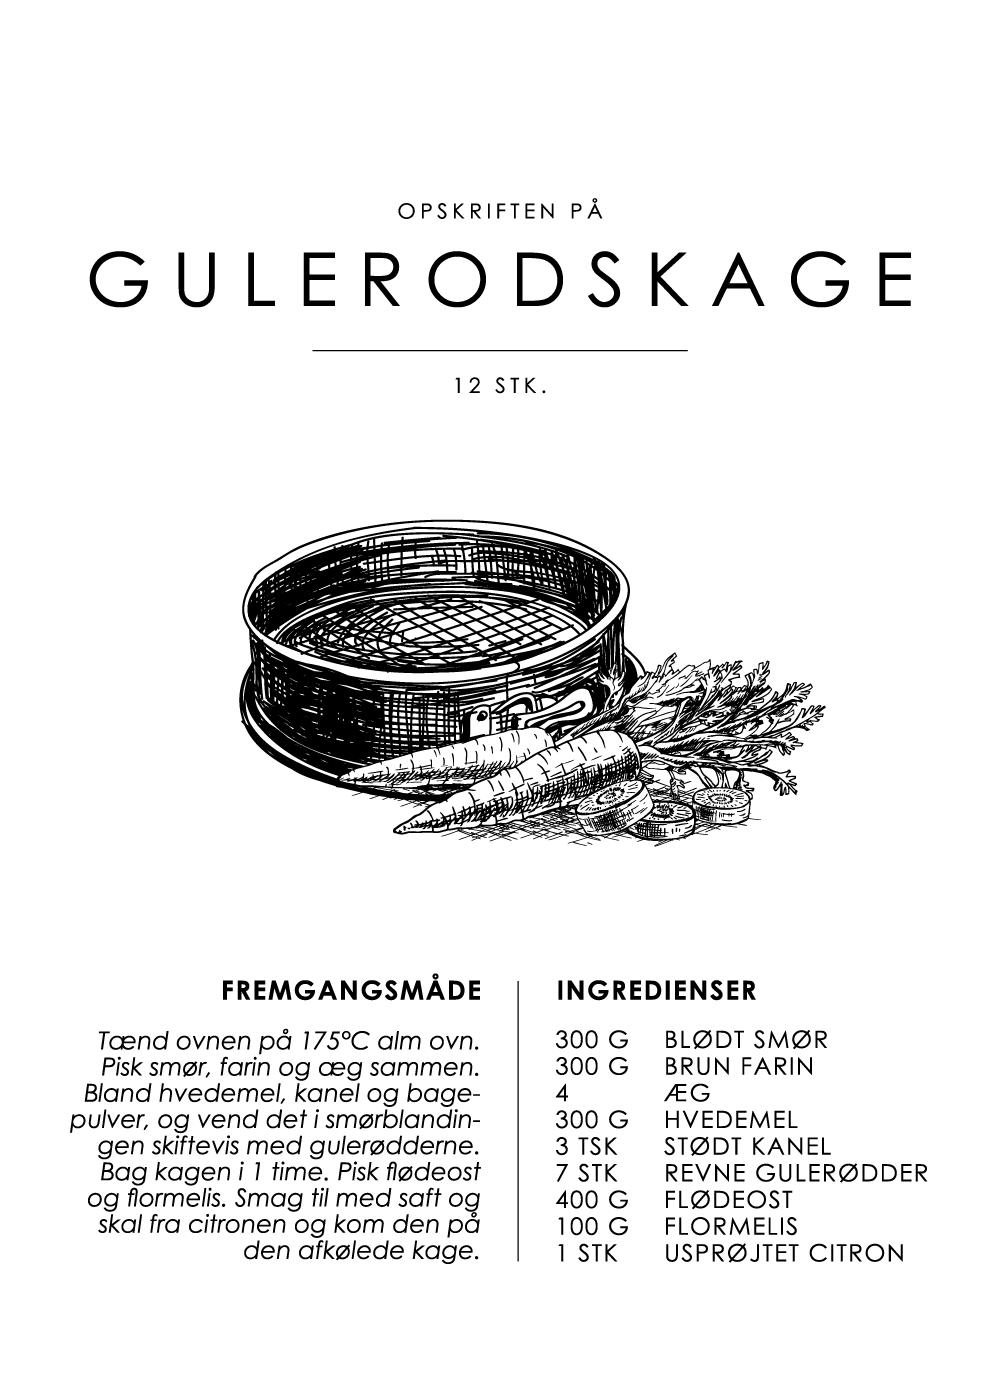 Billede af Gulerodskage opskrift - Kage guide plakat